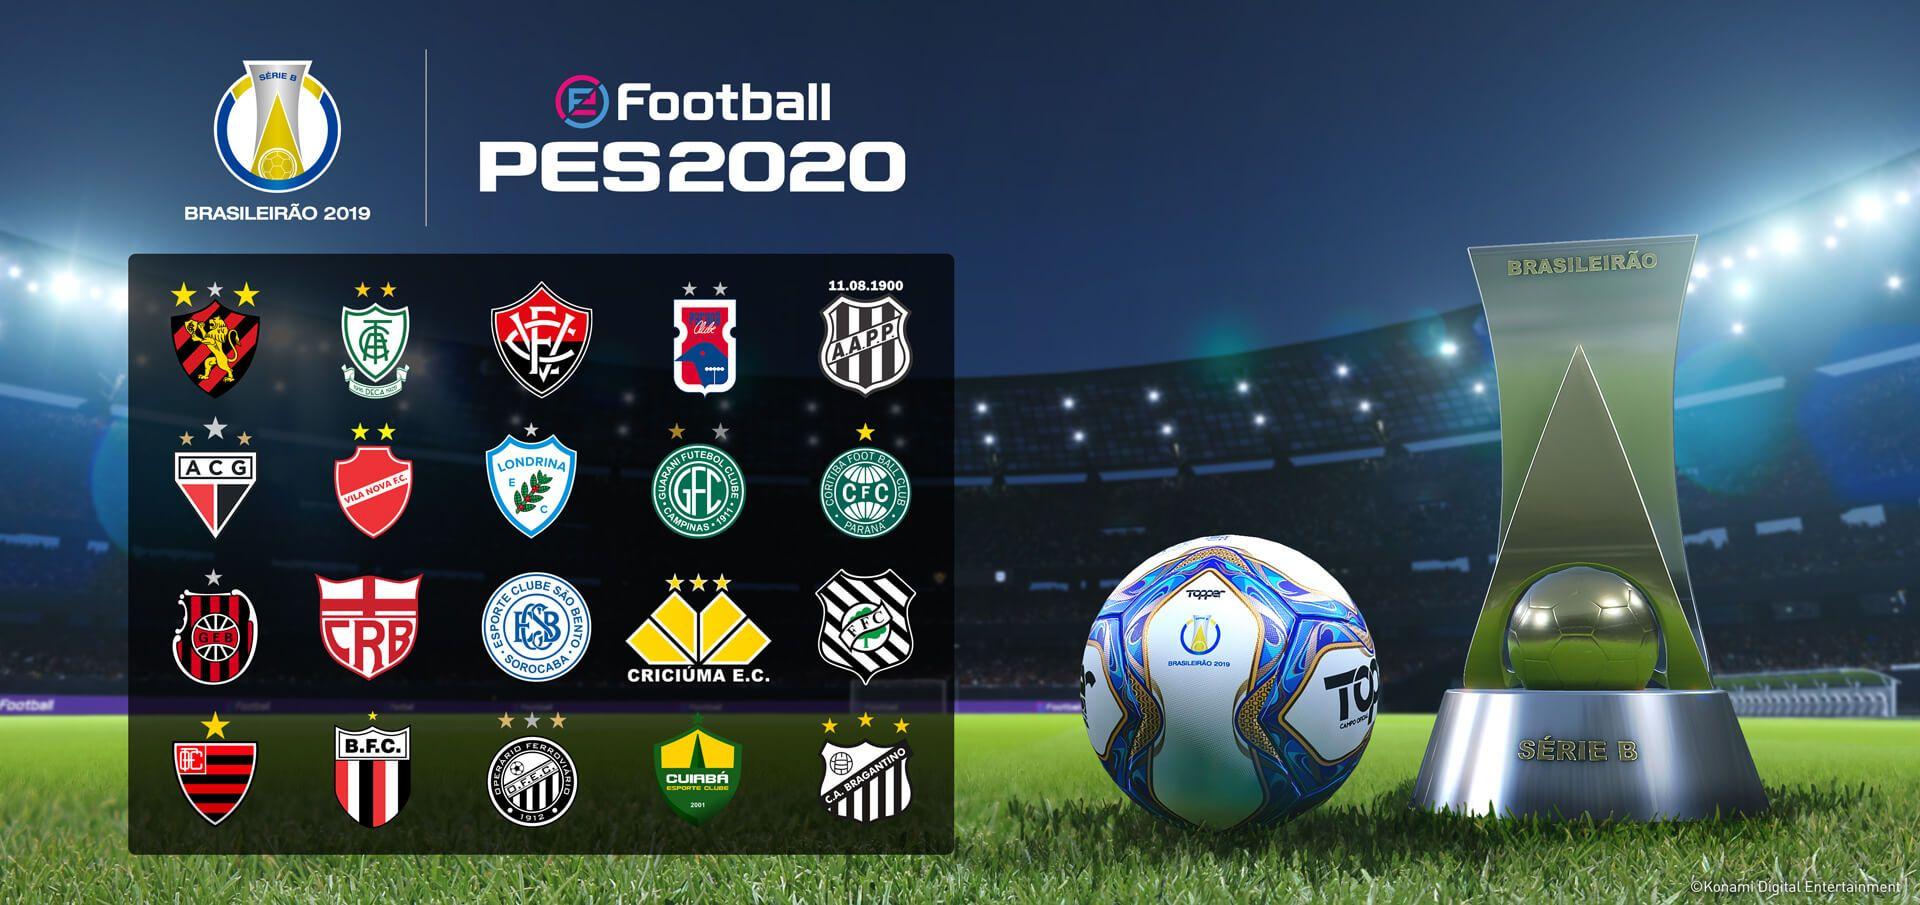 Konami anuncia Vasco da Gama, Atlético Mineiro e Série B